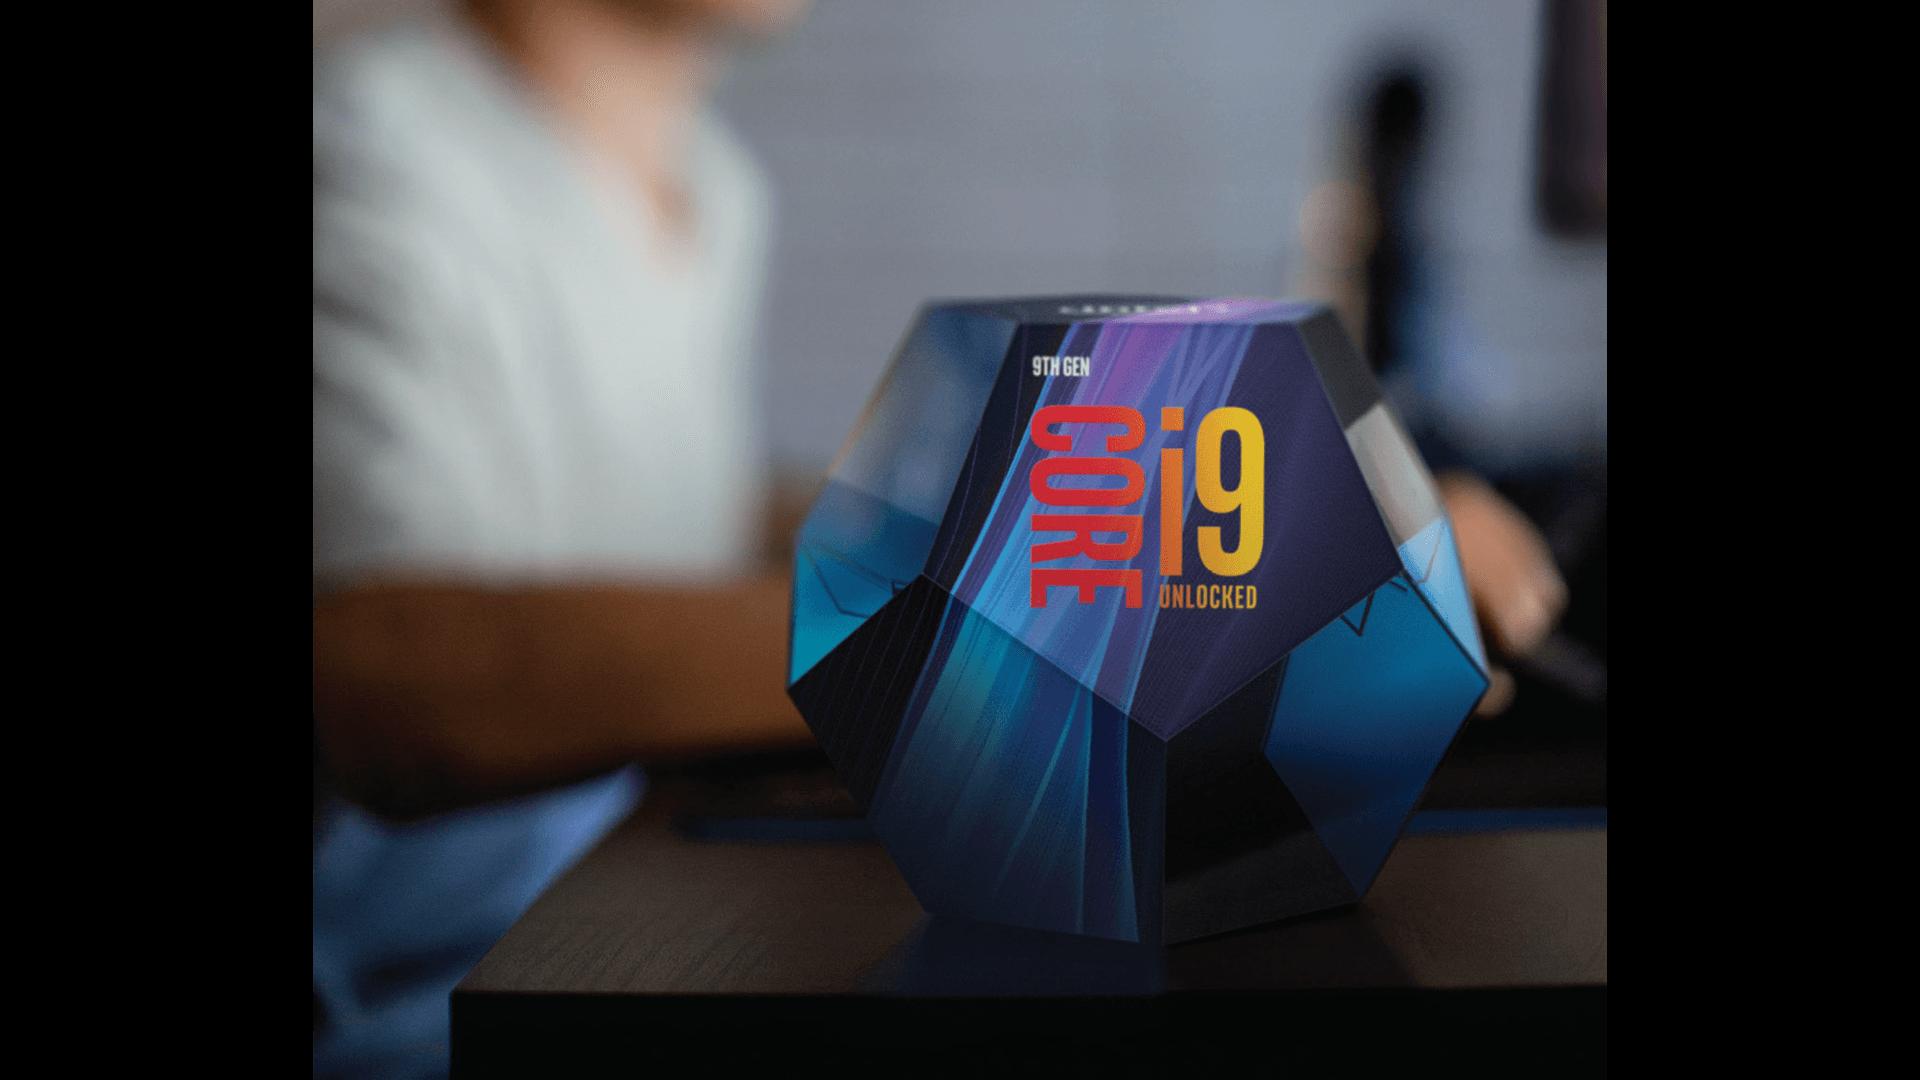 куб с процессором core i9 9-го поколения и фоновым изображением